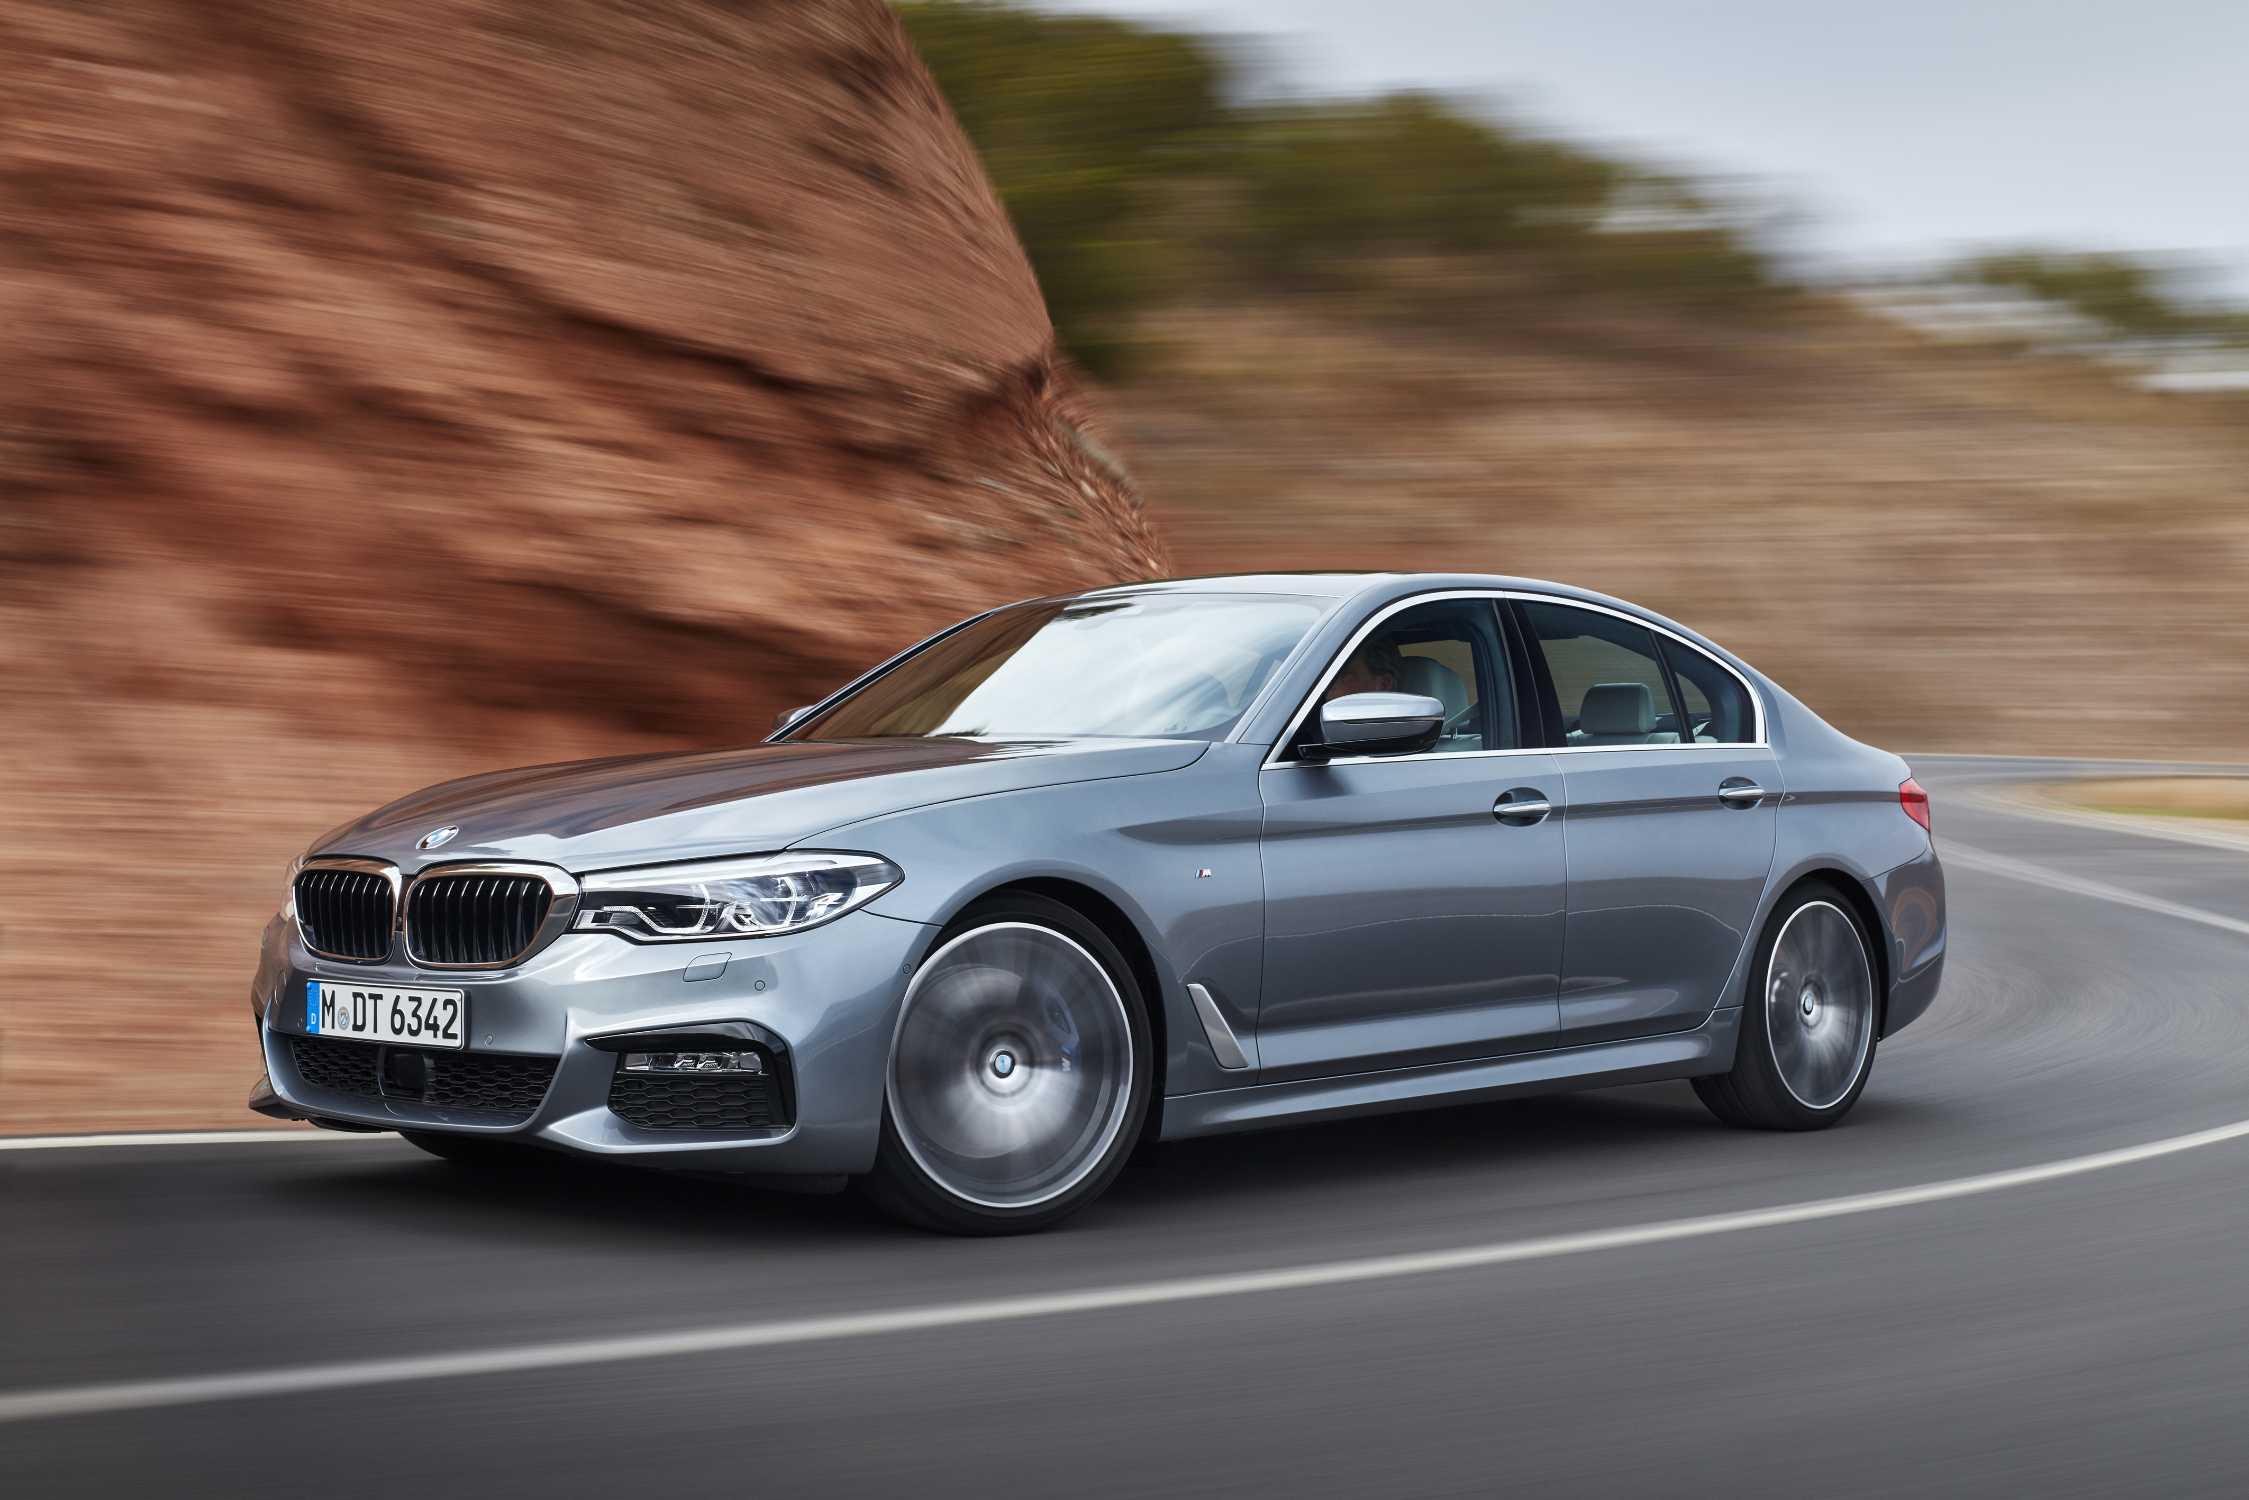 BMW GROUP РОССИЯ ОБЪЯВЛЯЕТ ЦЕНЫ НА НОВЫЙ BMW 5 СЕРИИ.